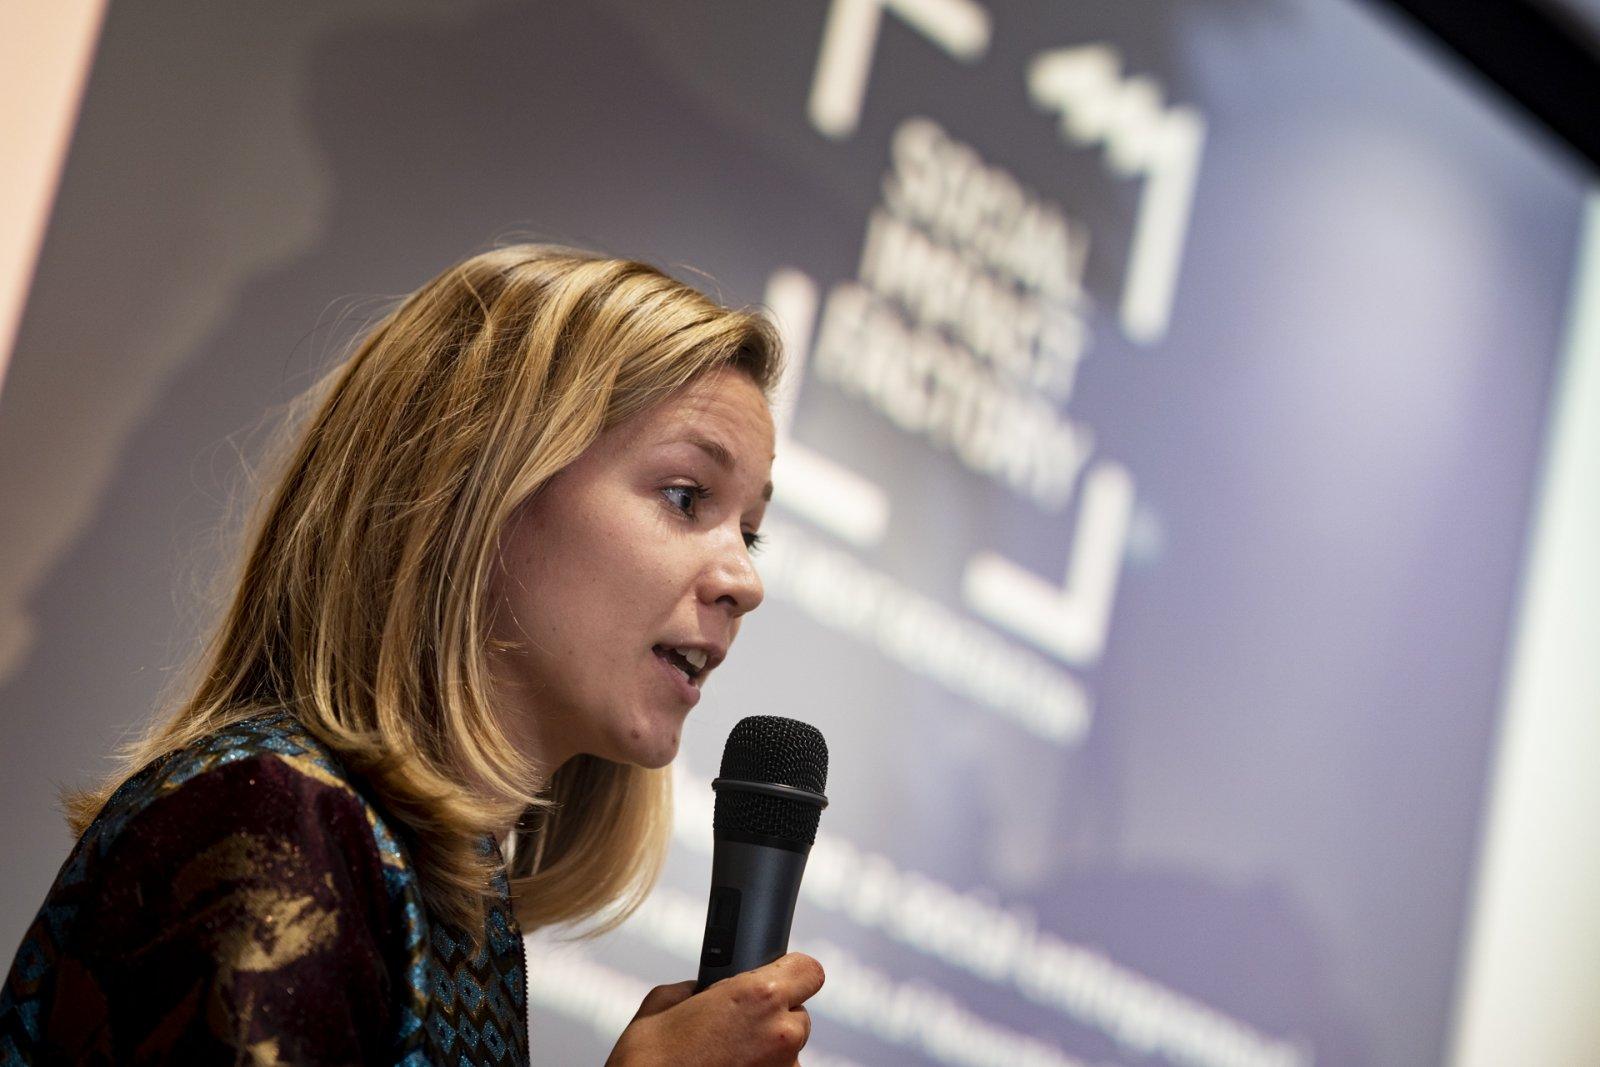 Rachelle Meijers on making social impact